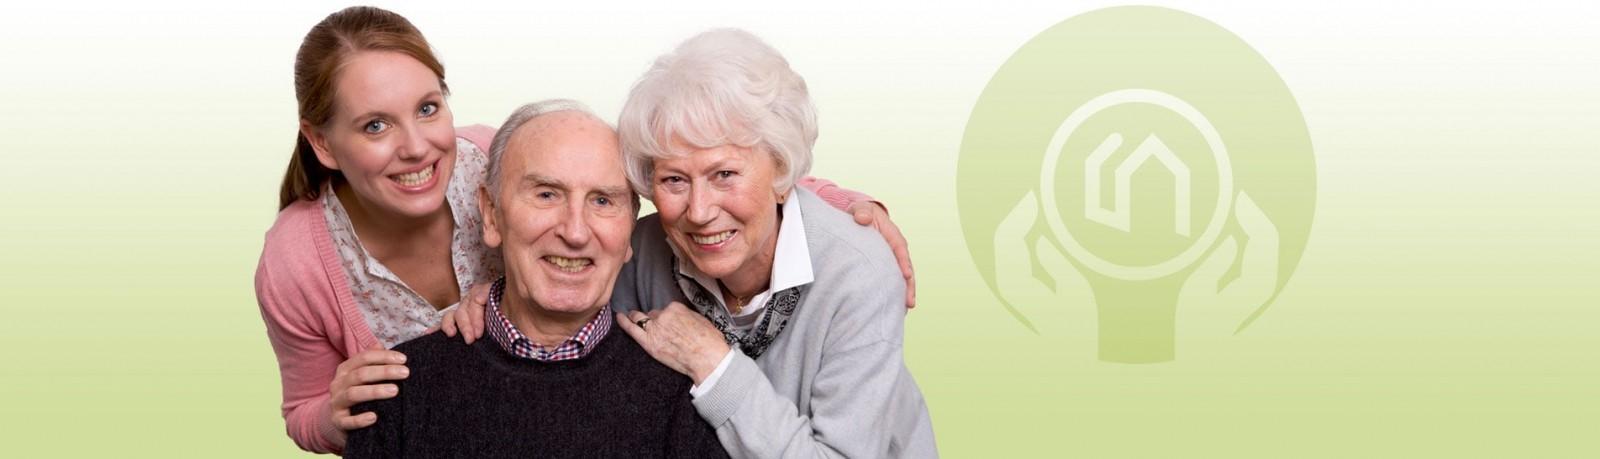 sencurina seniorenbetreuung 1 - Leistungen von SENCURINA